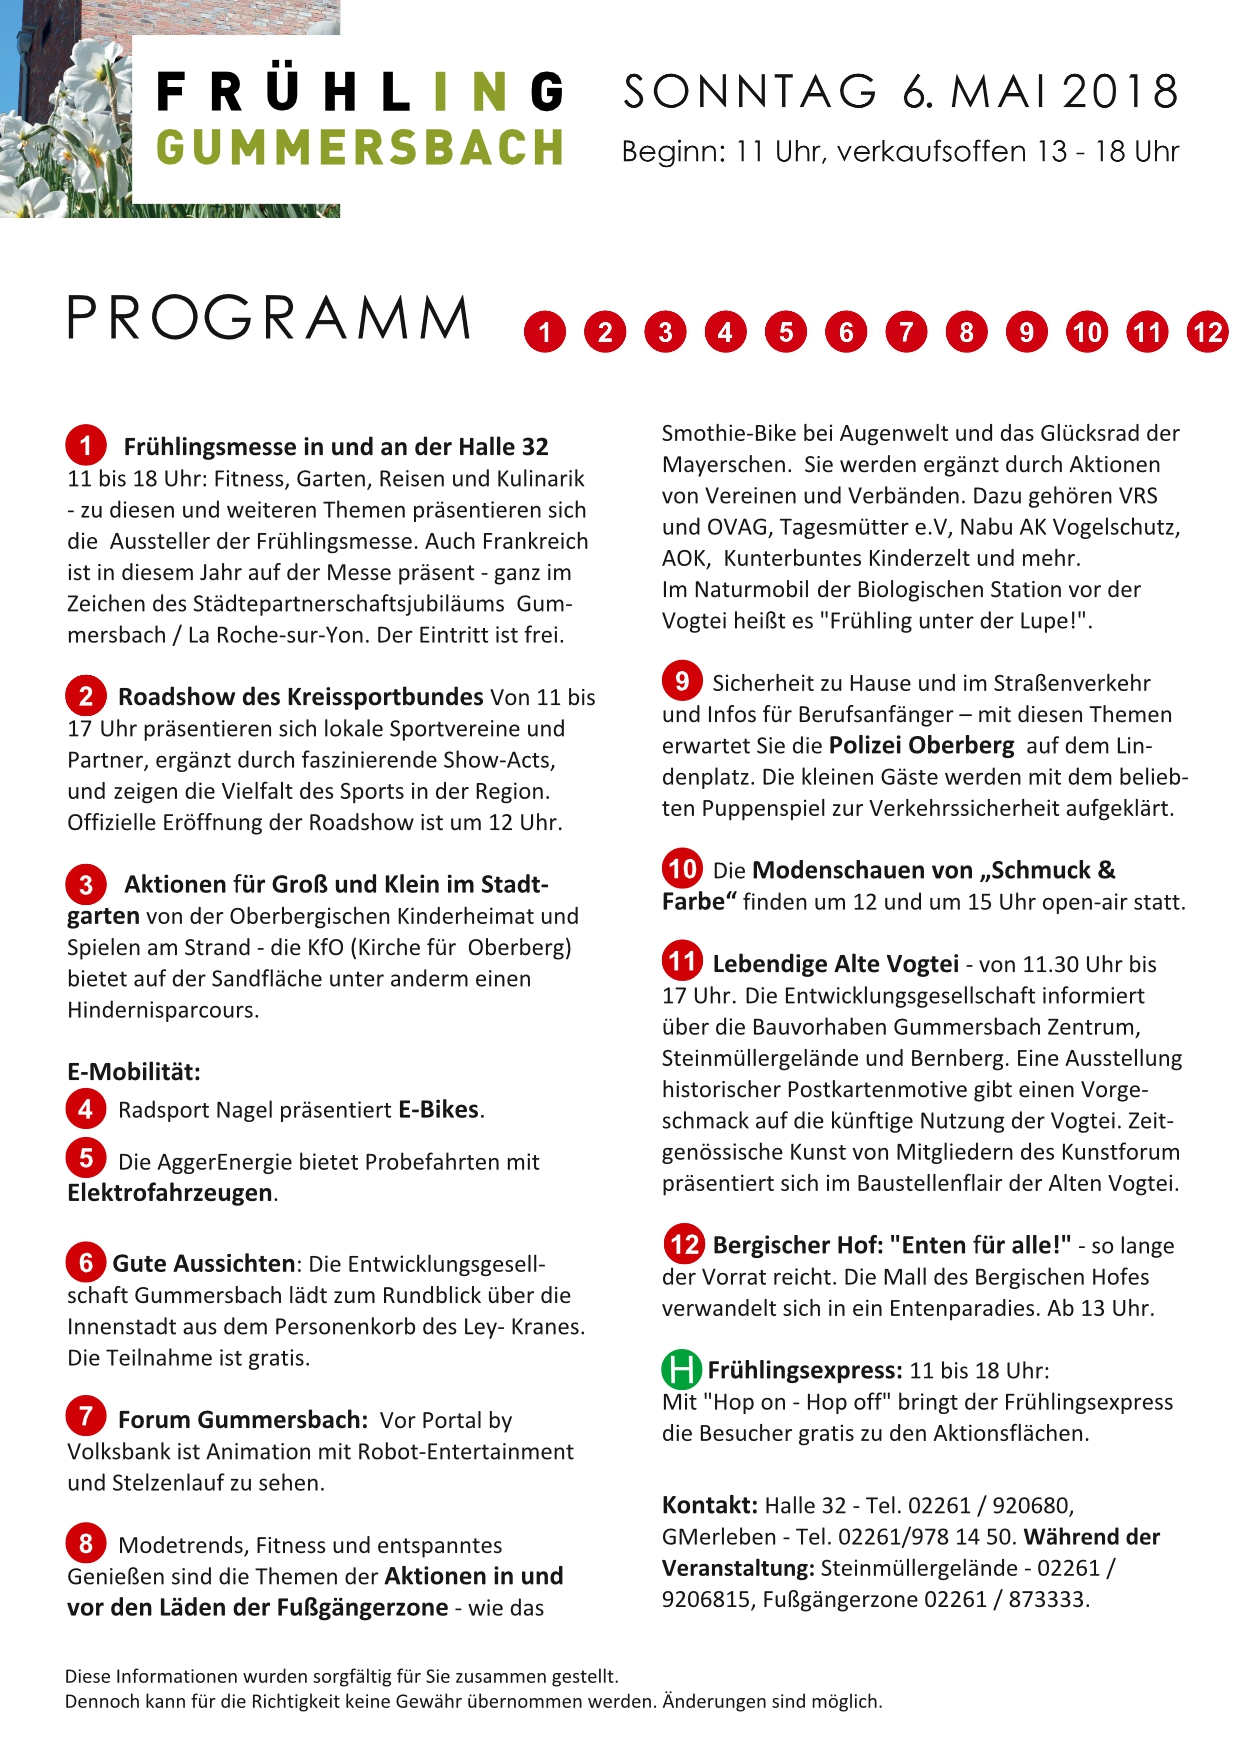 Frühling Gummersbach 2018 - Programmpunkte